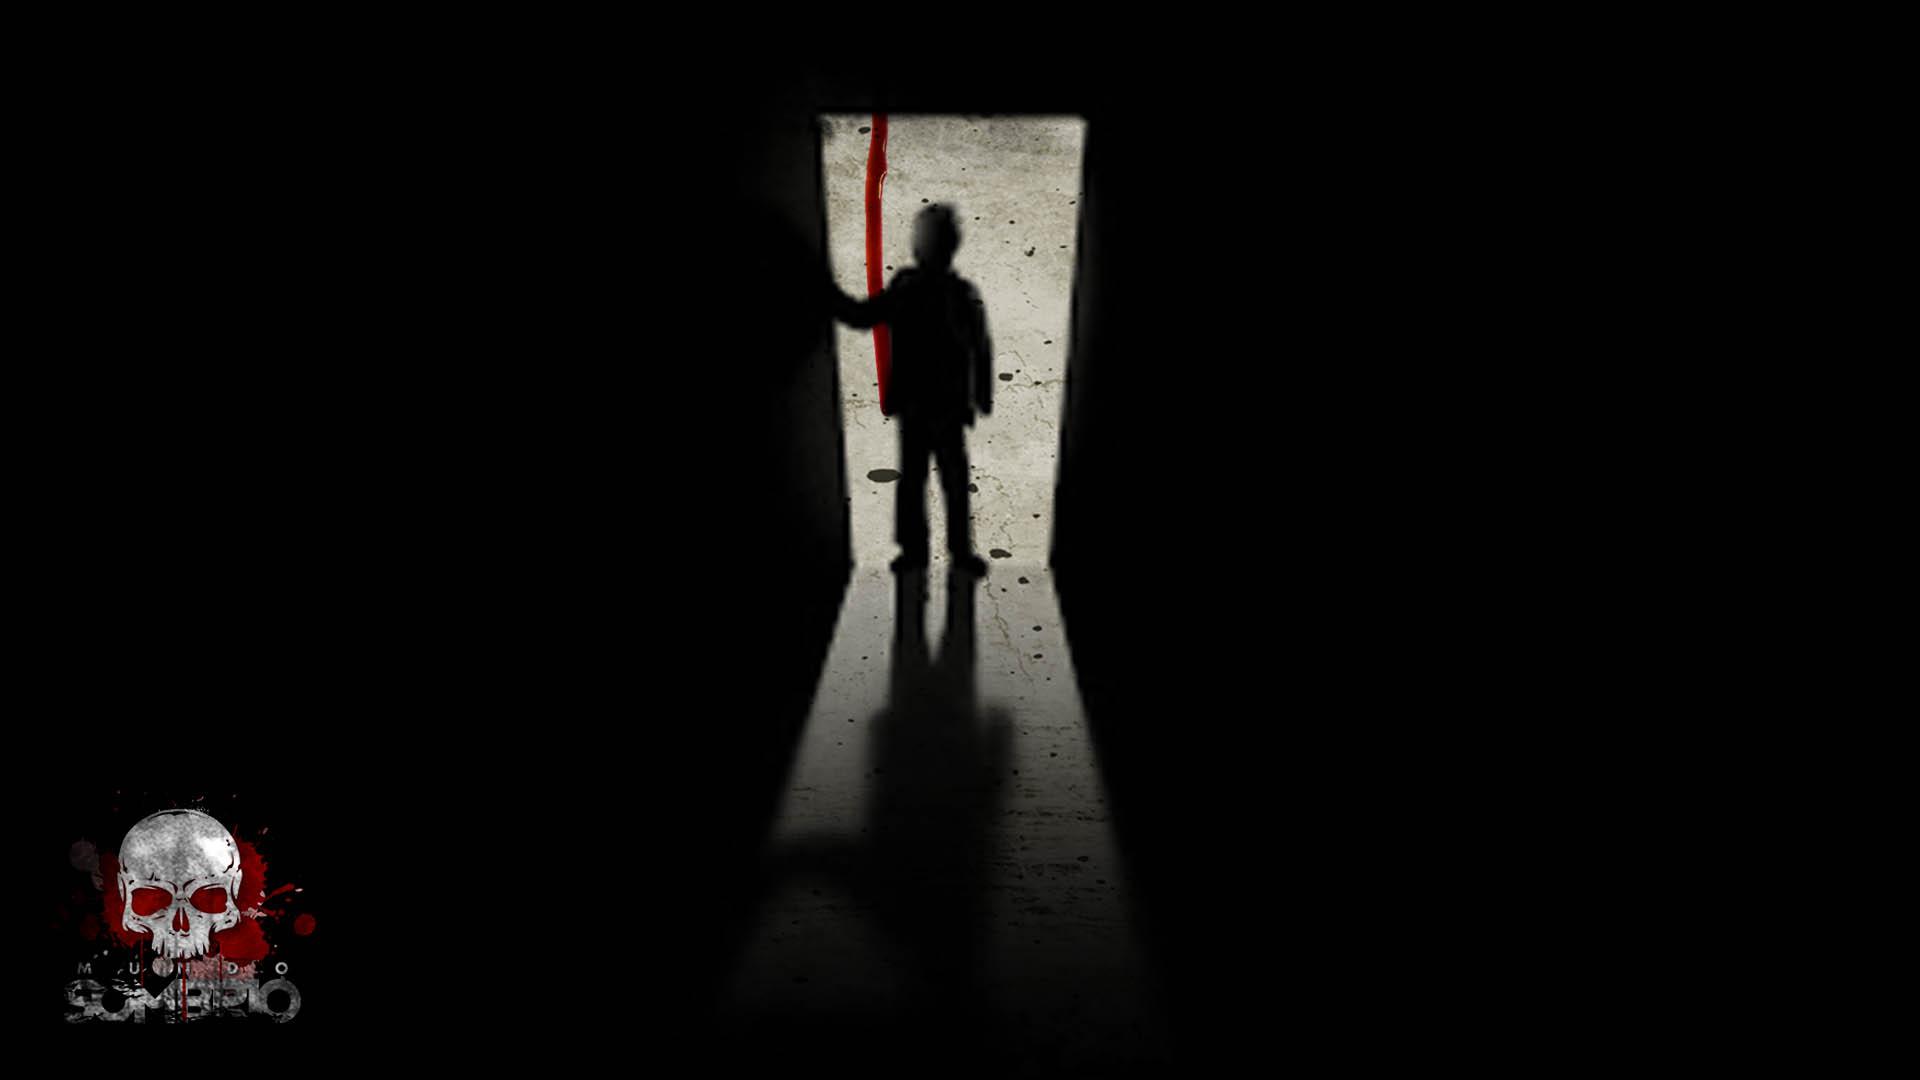 medo do escuro história de terror mundo sombrio